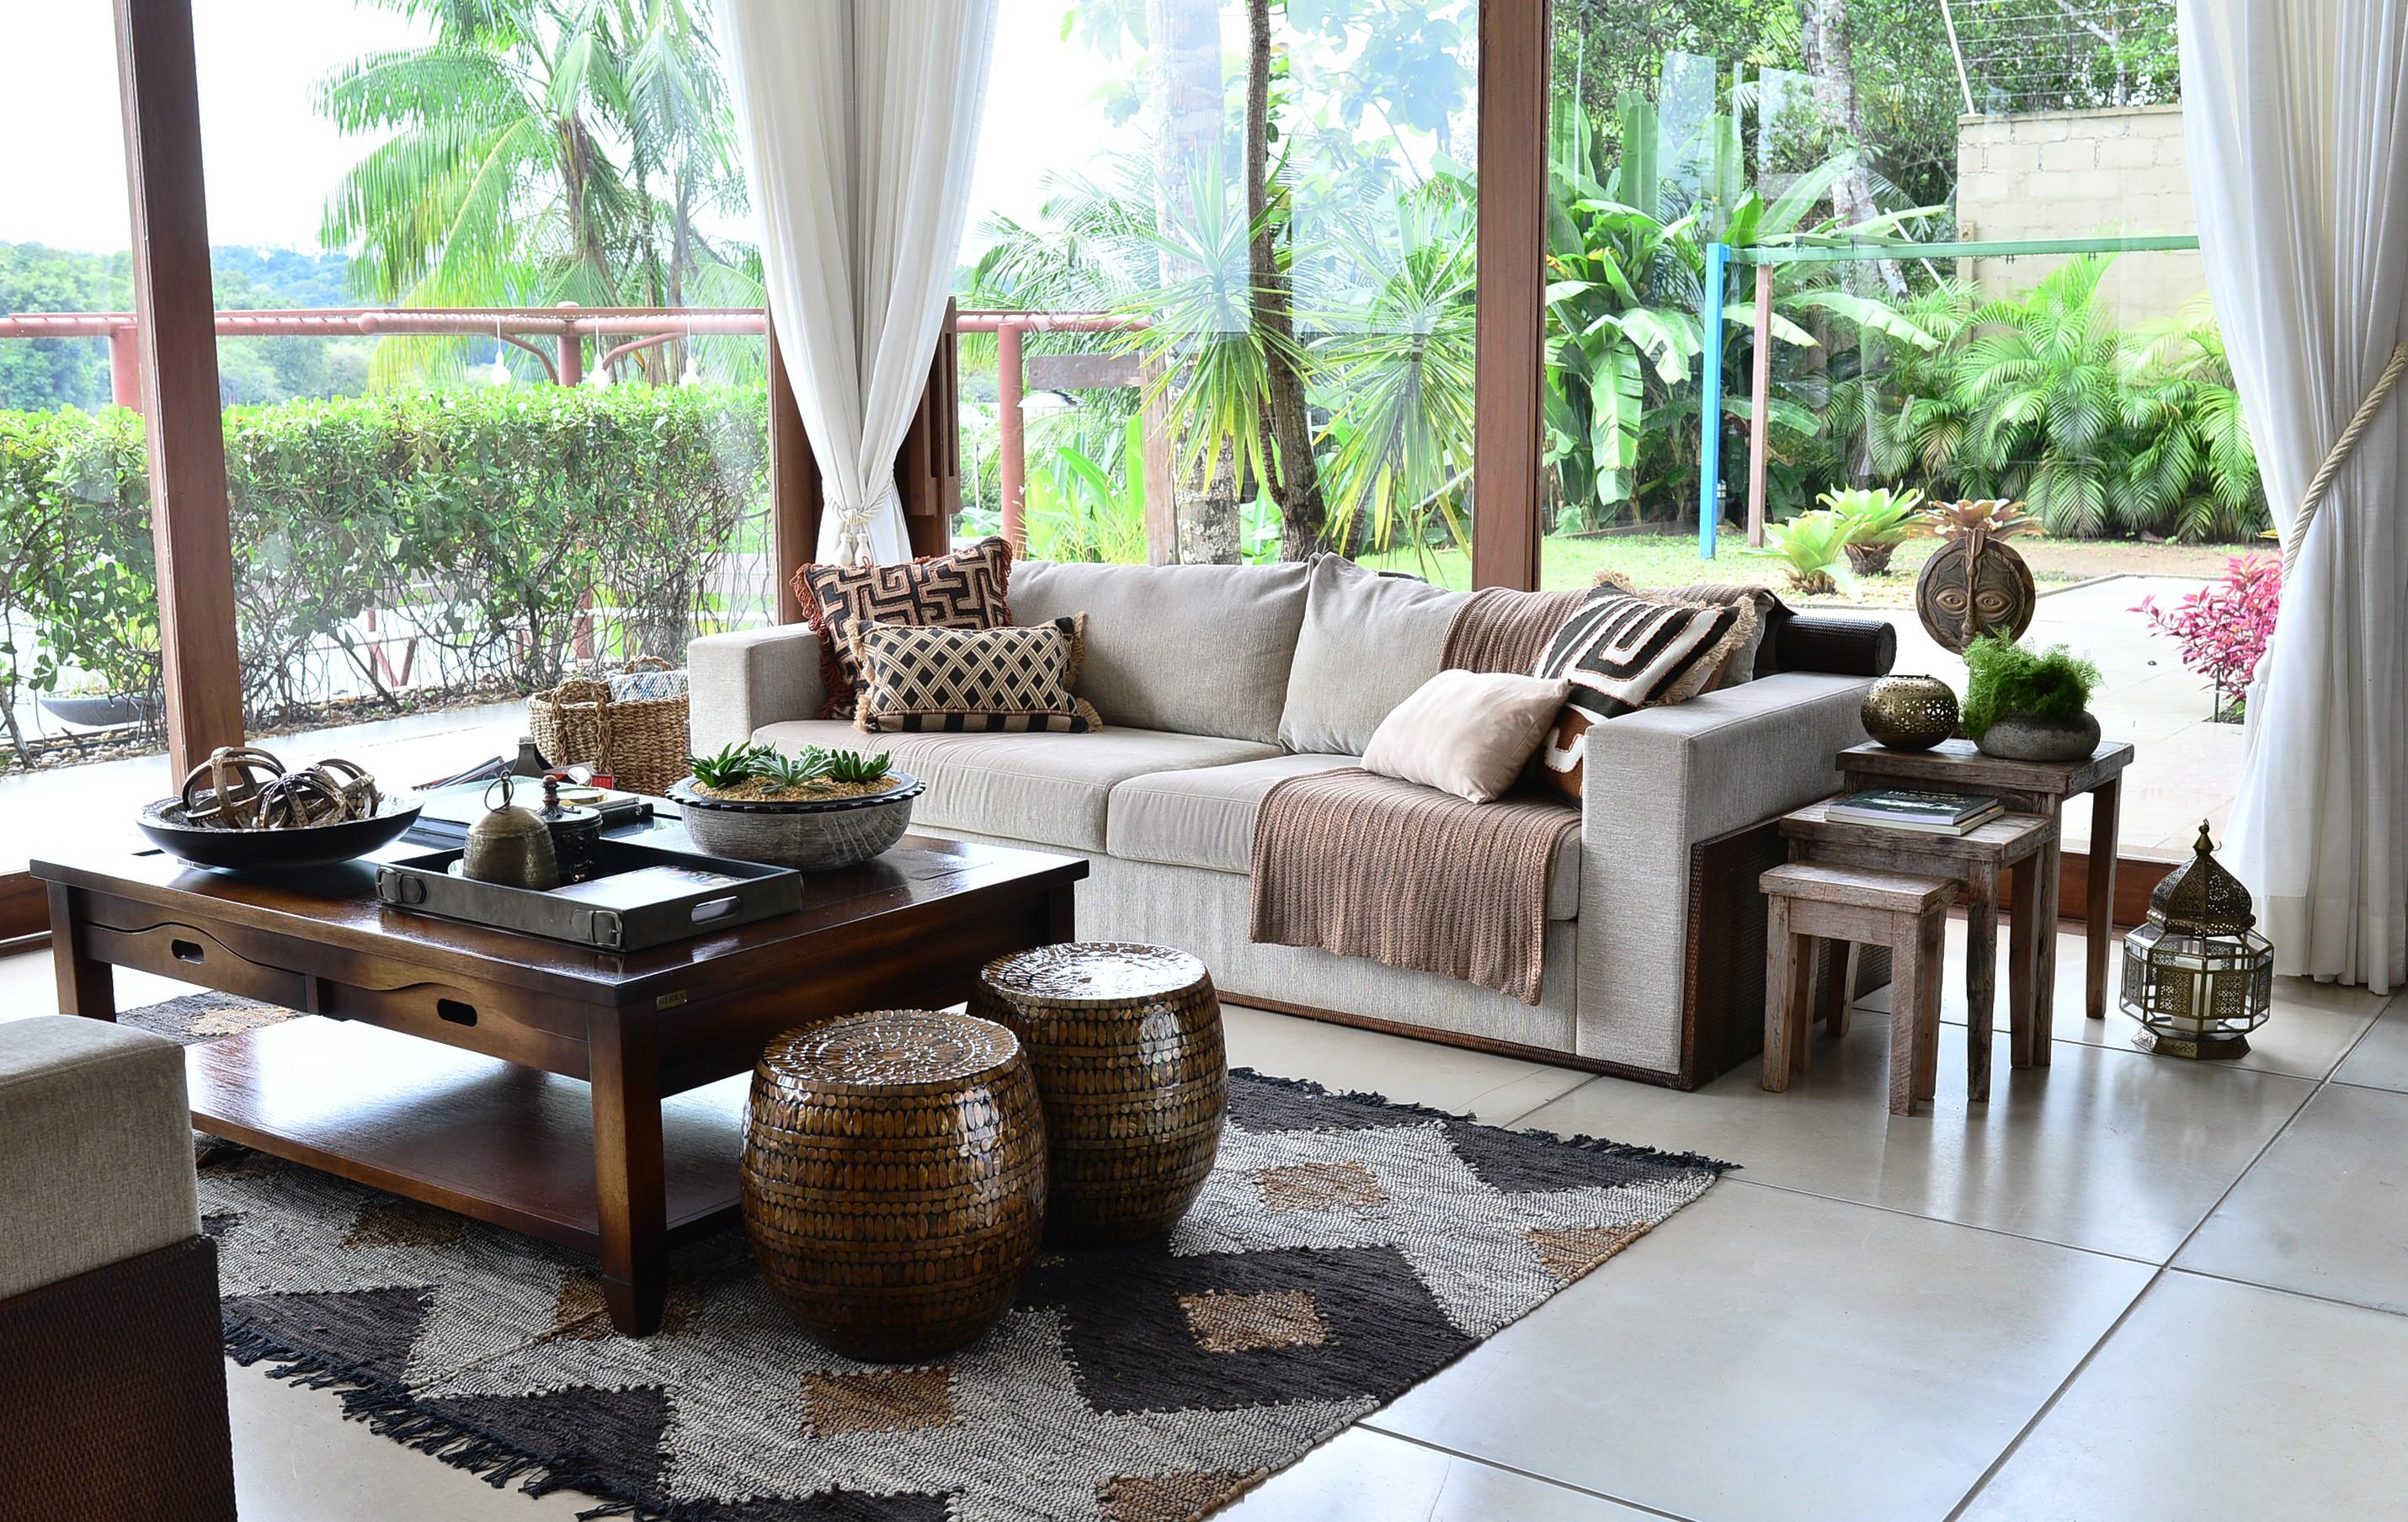 O visual do interior e do exterior integra-se através de panos de vidro na sala de estar (Foto: Divulgação)